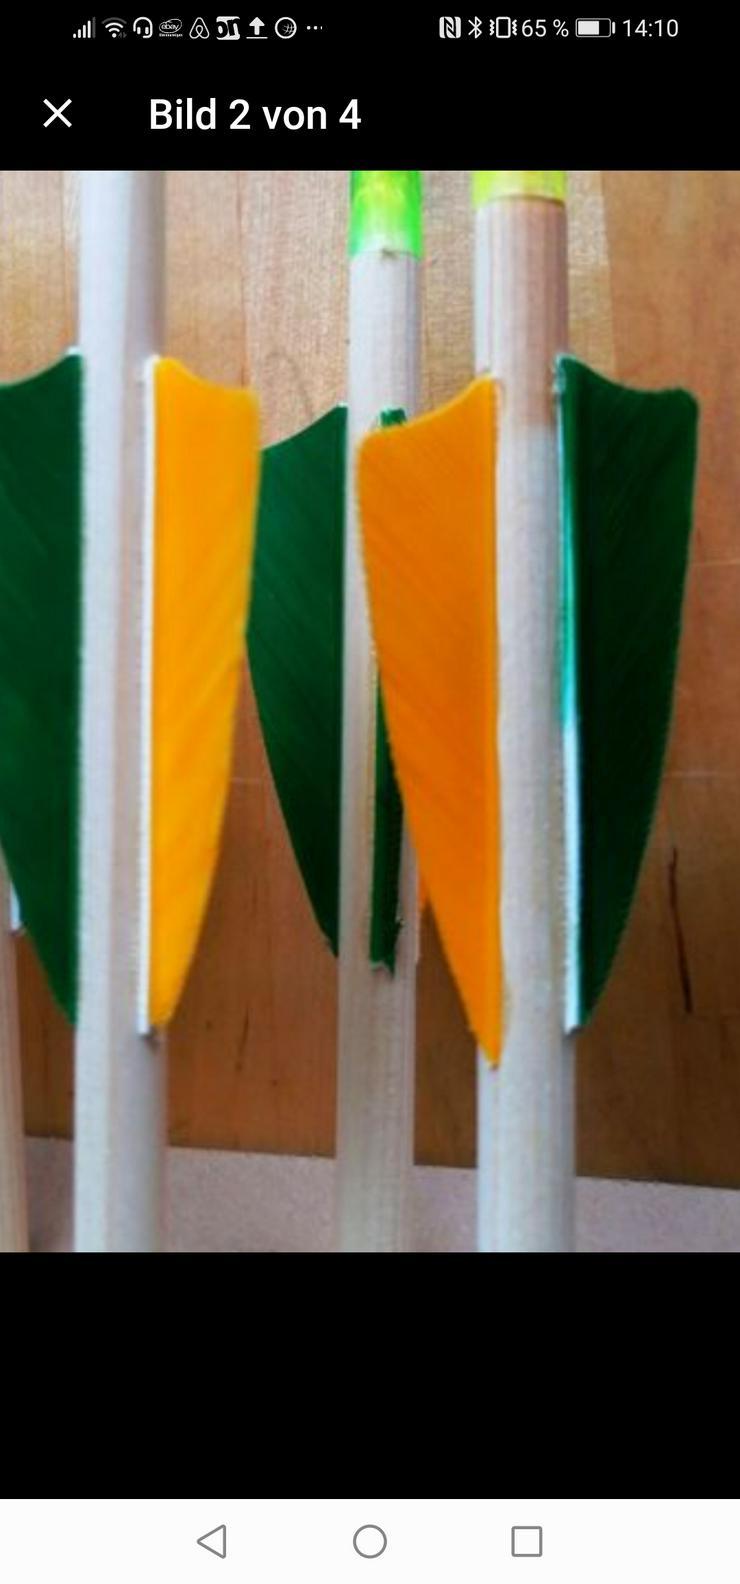 Bild 4: 6 Holzpfeile Holz-Pfeile Naturfedern leichte Bögen )30 lbs O 5/16 NEU